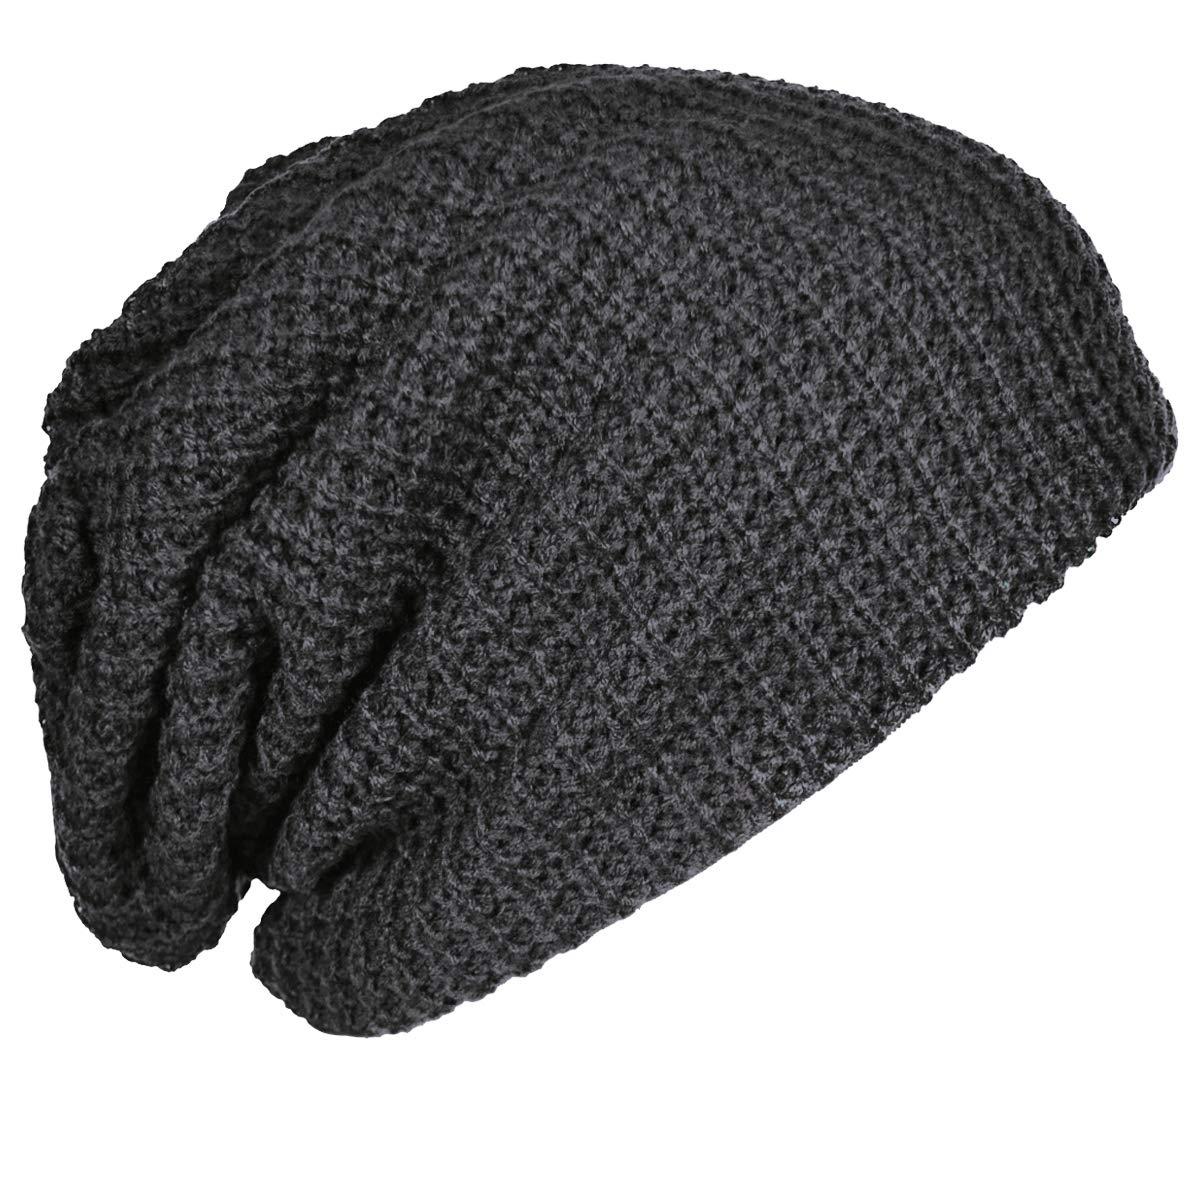 032904de59f64 FORBUSITE Bonnet Tressé Maille Respirant et Léger-Mode-Homme-Eté/Automne-B08:  Amazon.fr: Vêtements et accessoires